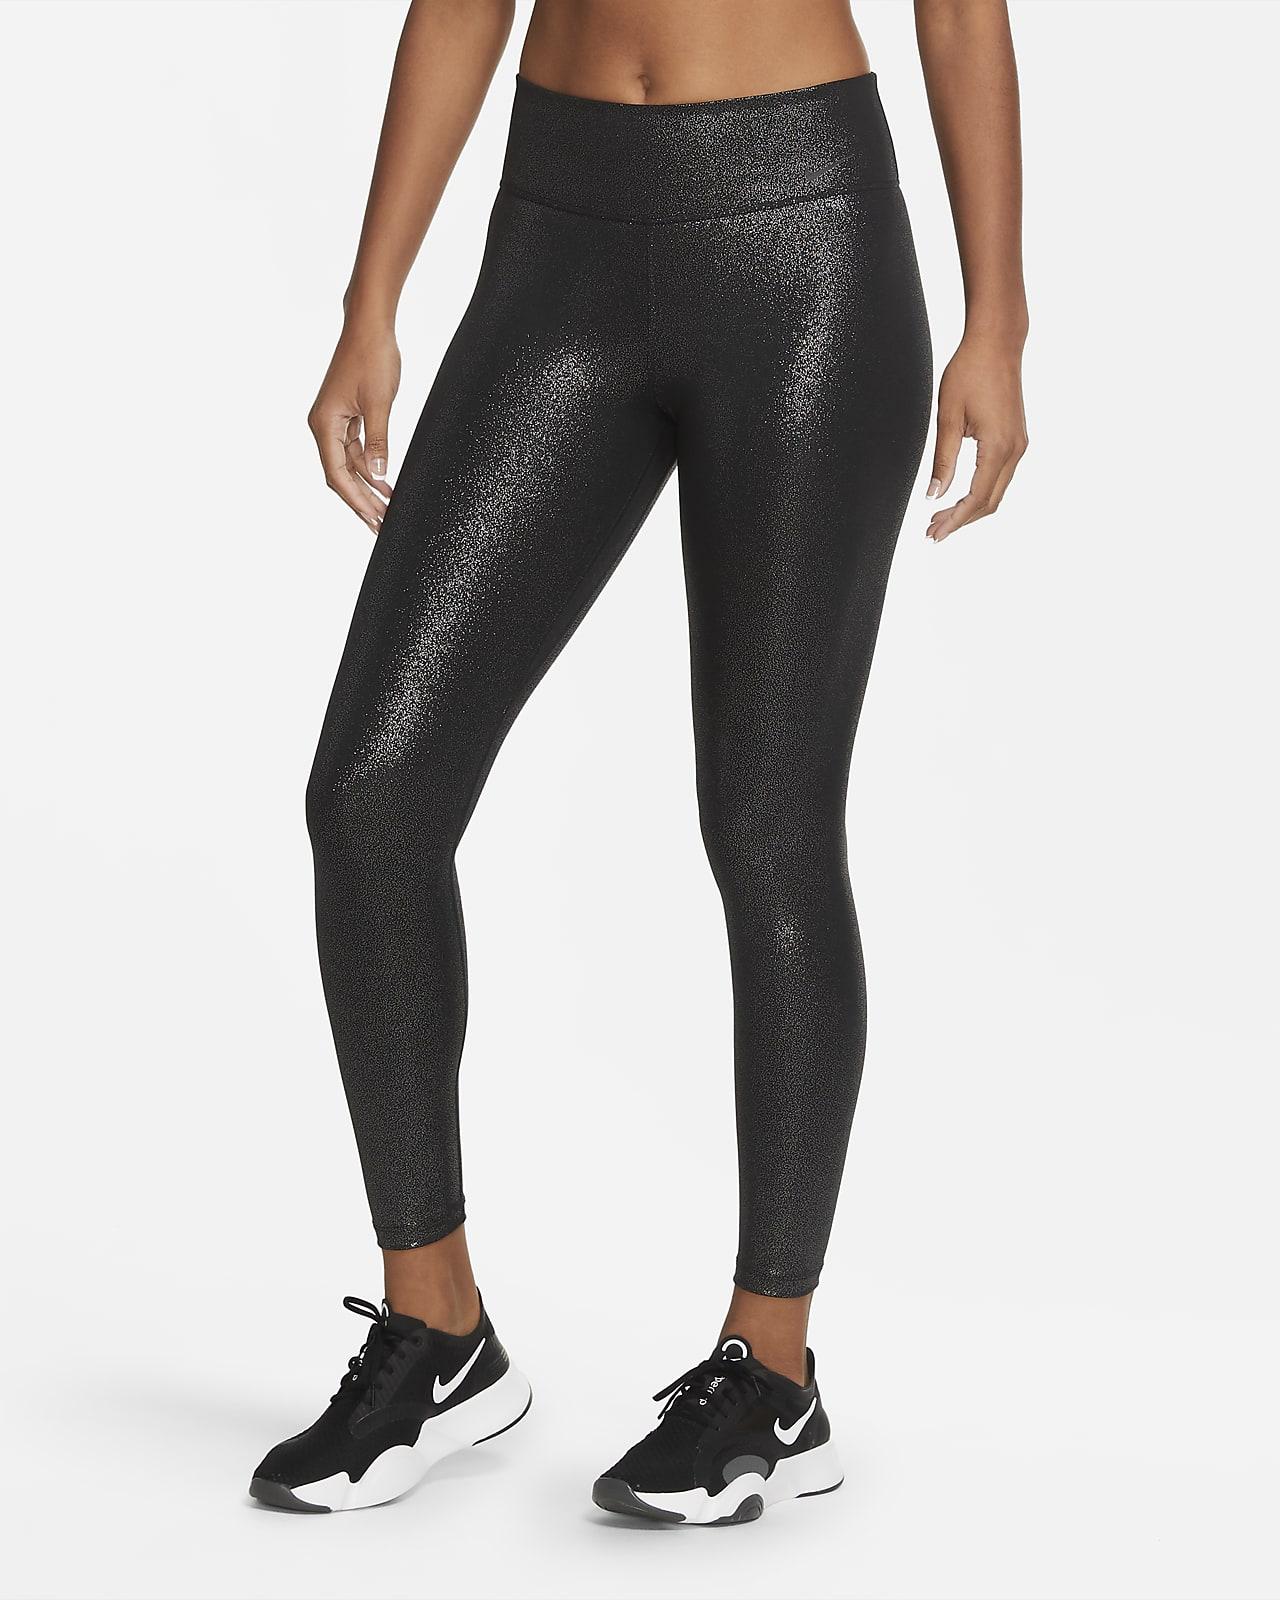 Nike One Women's Sparkle 7/8 Leggings